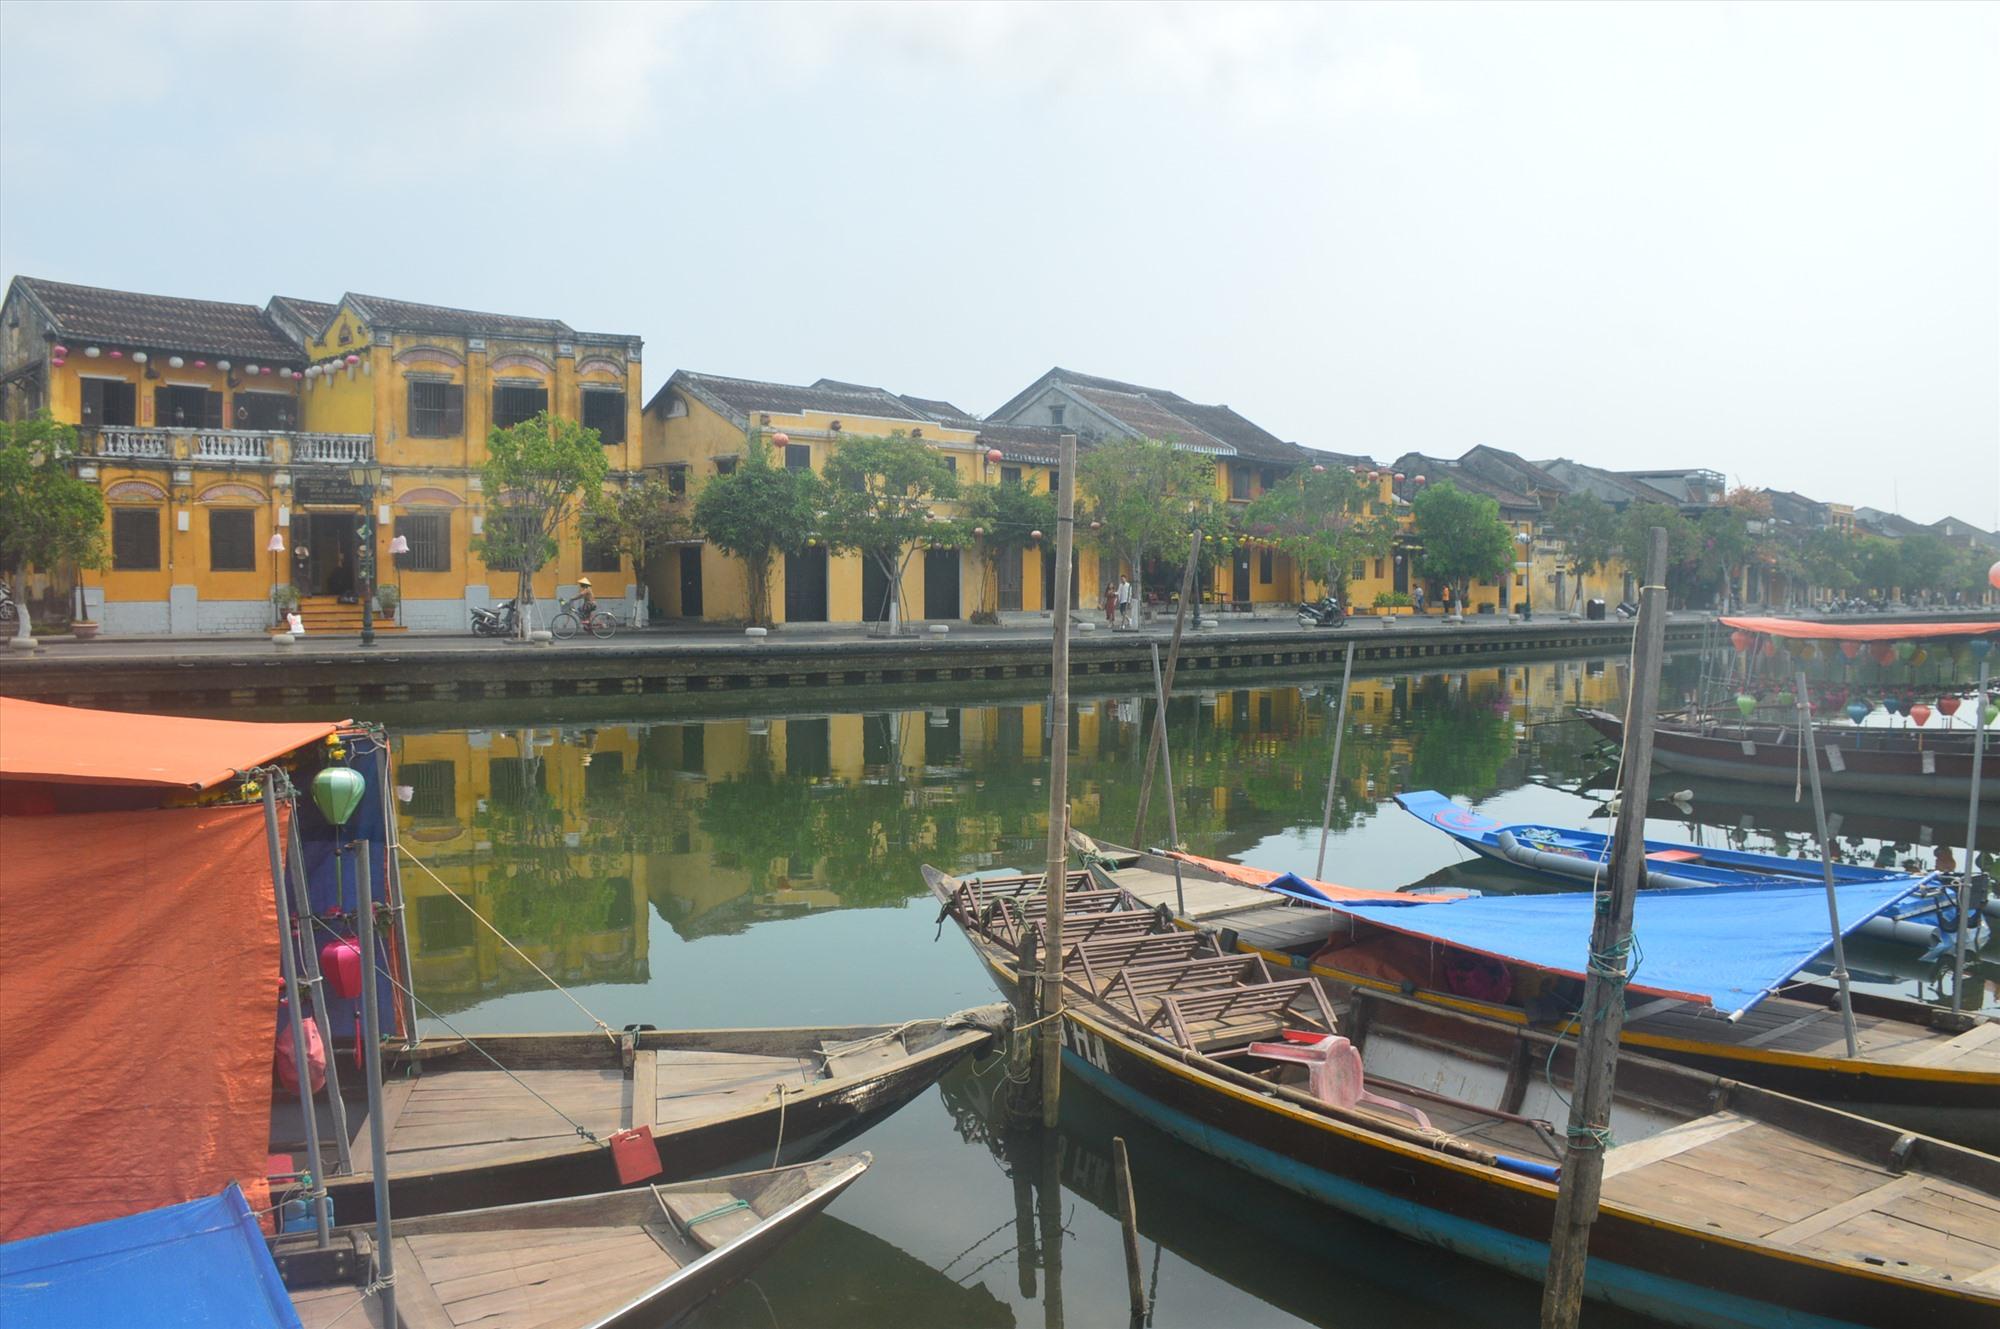 Dự báo phải đến năm 2023, 2024 lượng khách đến Quảng Nam mới có thể phục hồi như thời điểm trước dịch. Ảnh: Q.T